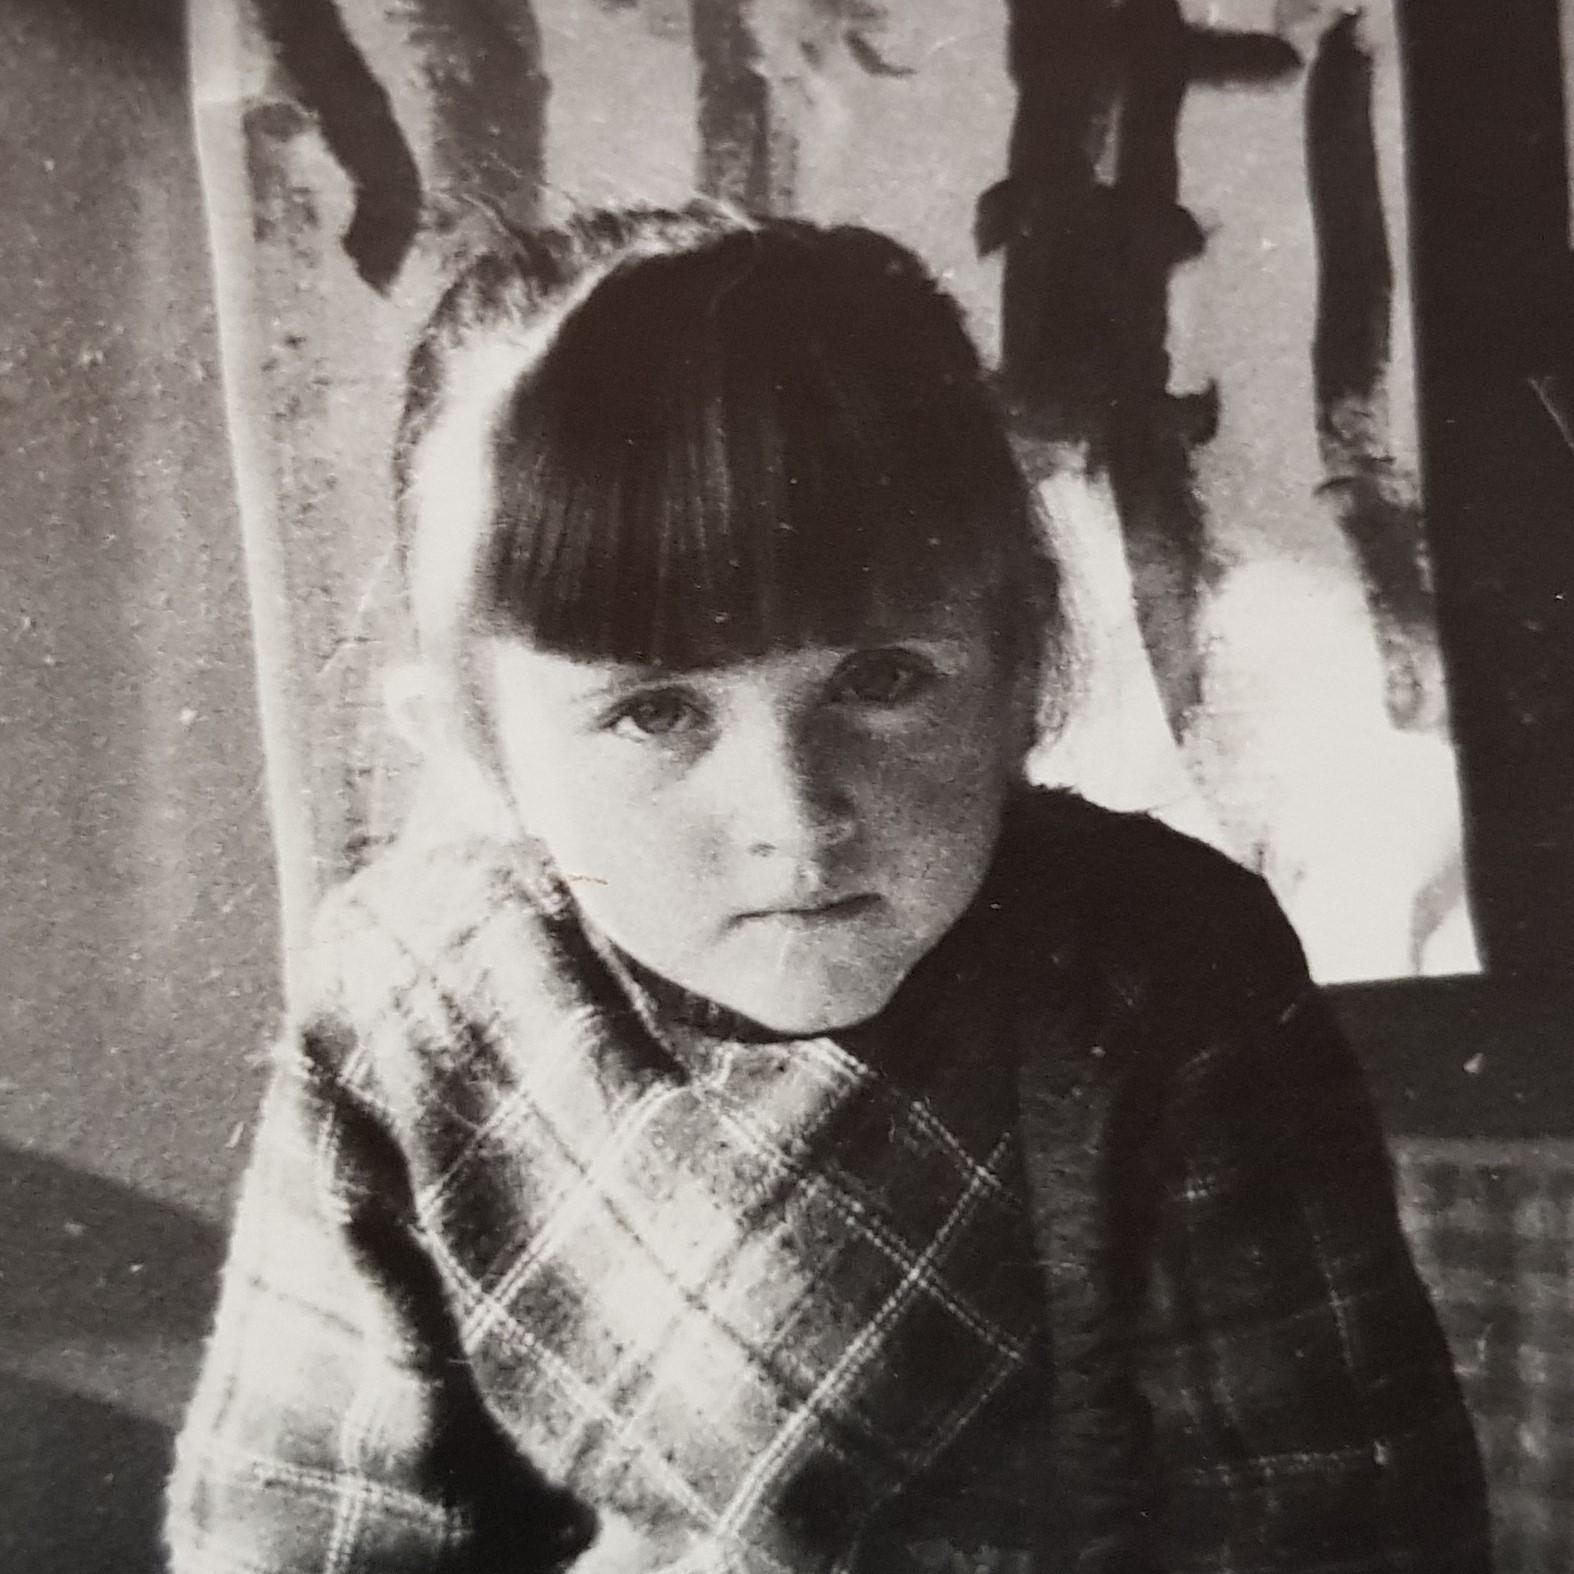 Manon Gardelle